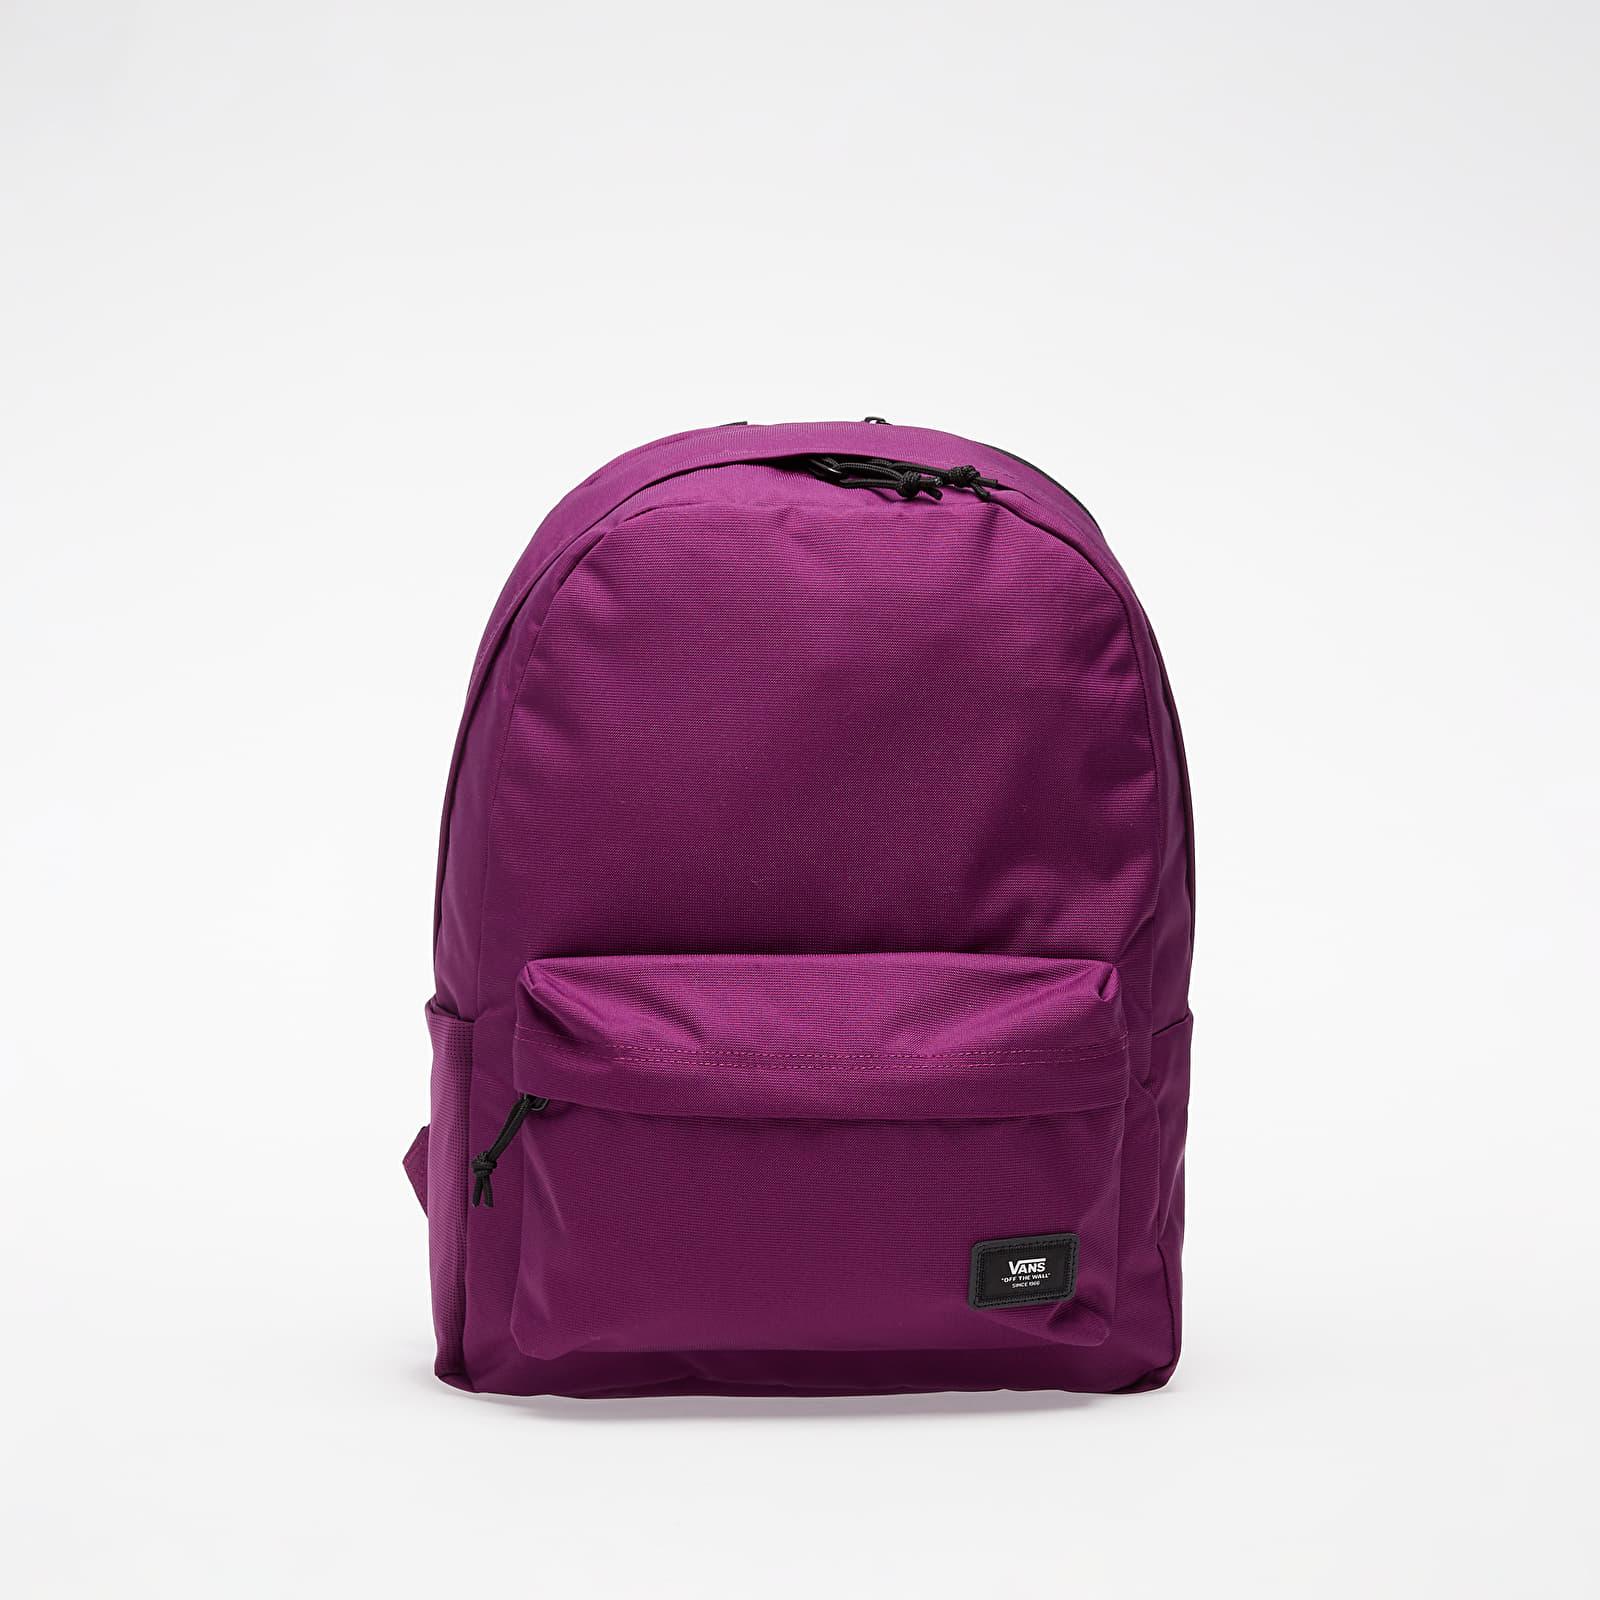 Batohy Vans Old Skool Plus II Backpack Dark Purple